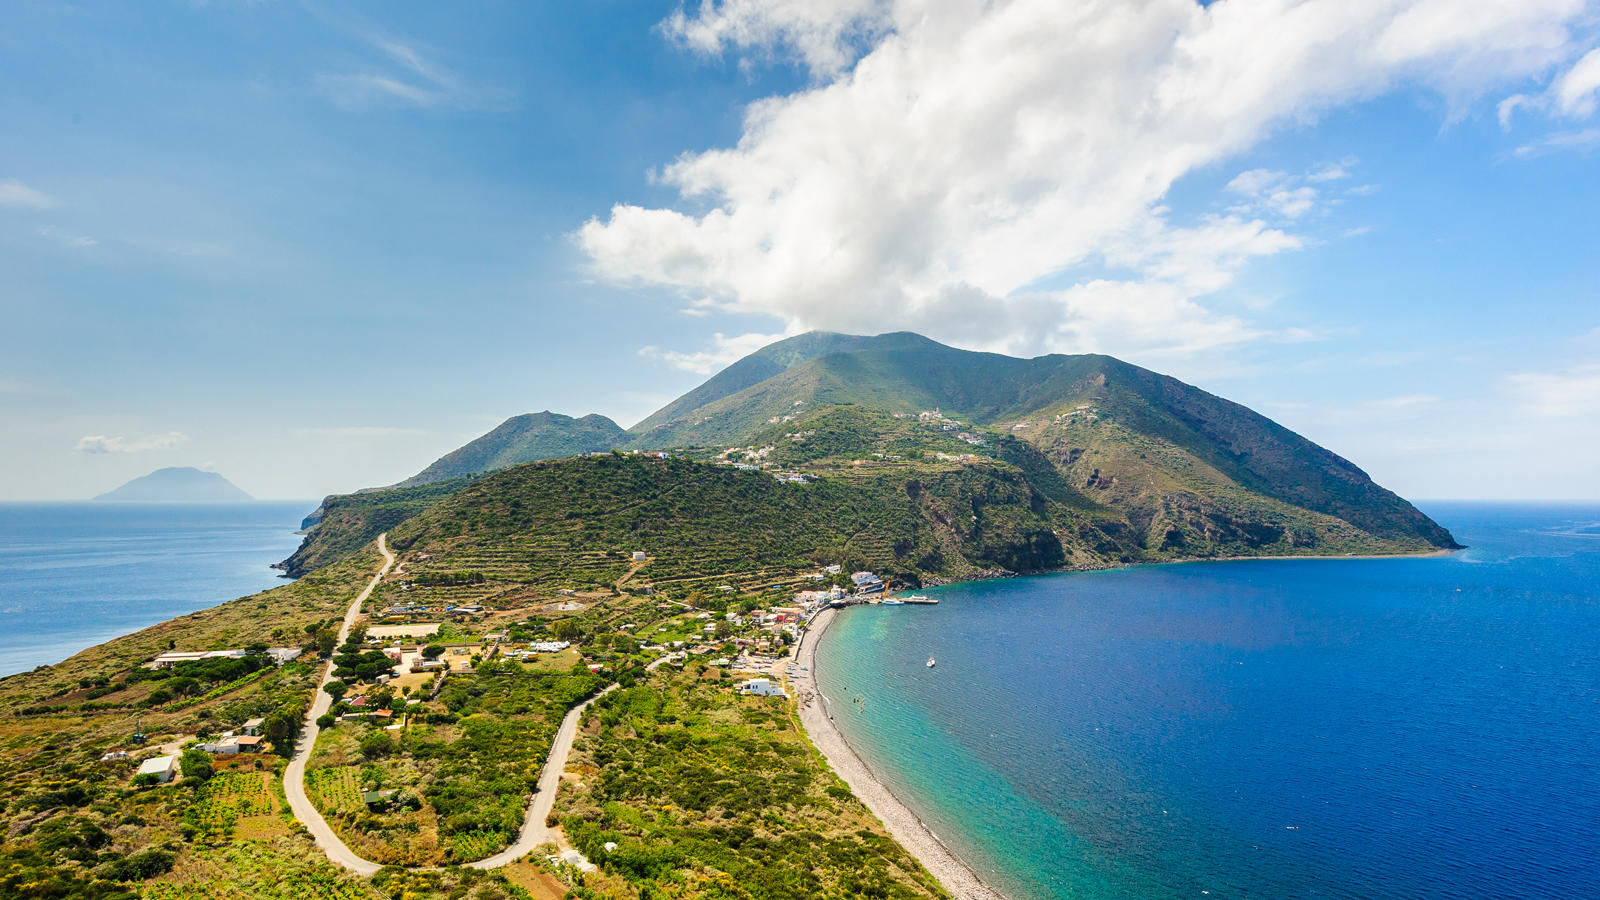 Alquiler de yates de lujo en Sicilia. Alquiler de barcos de lujo en Sicilia. Superyates de alquiler en Sicilia.